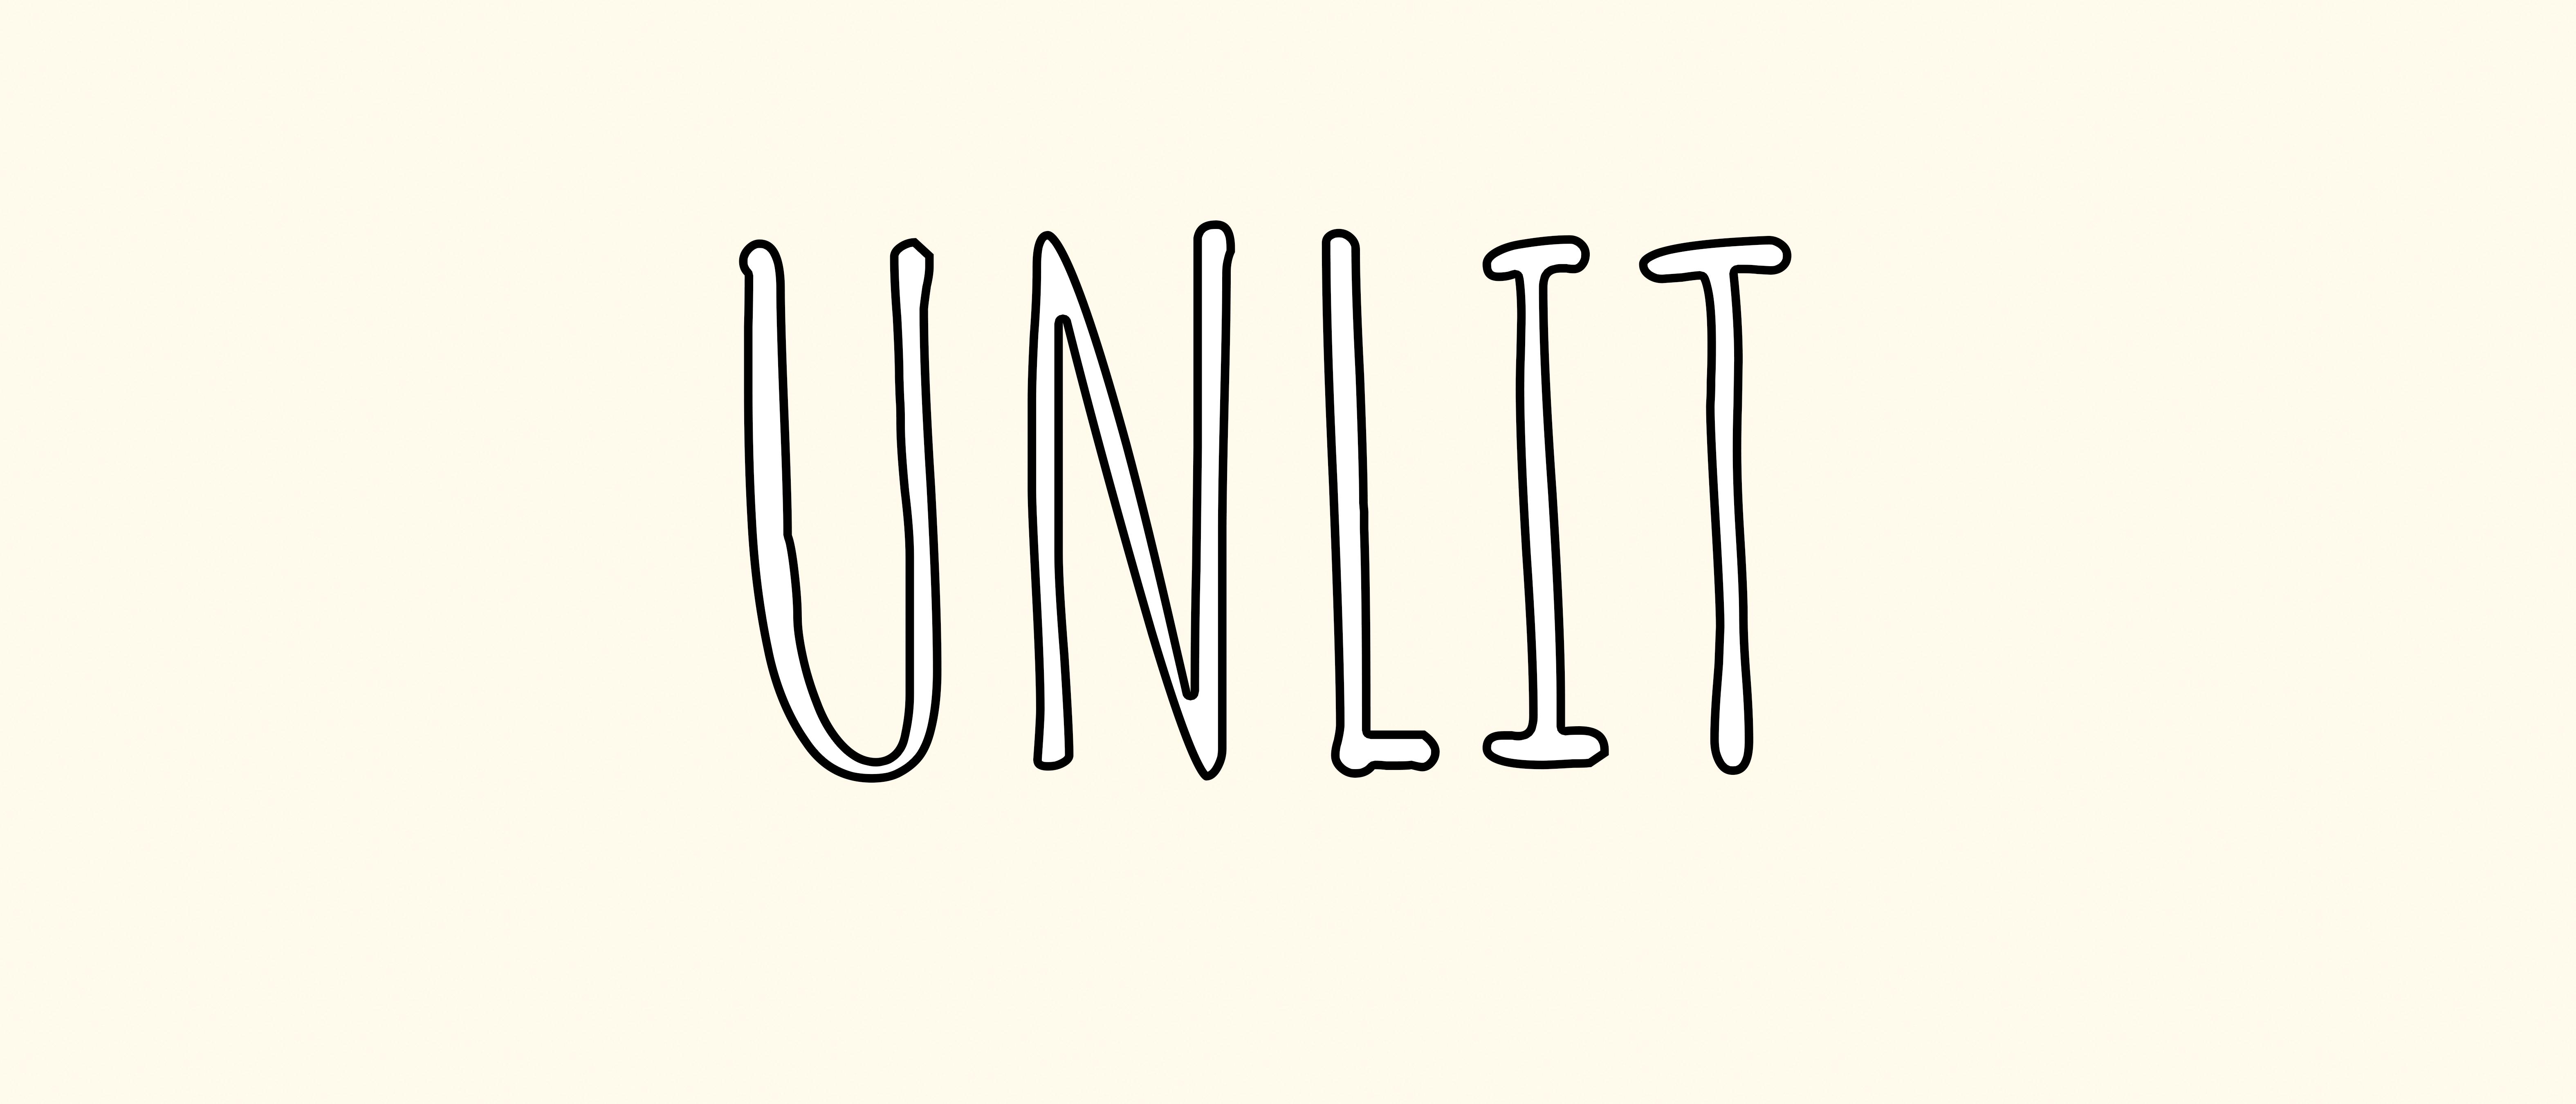 Unlit